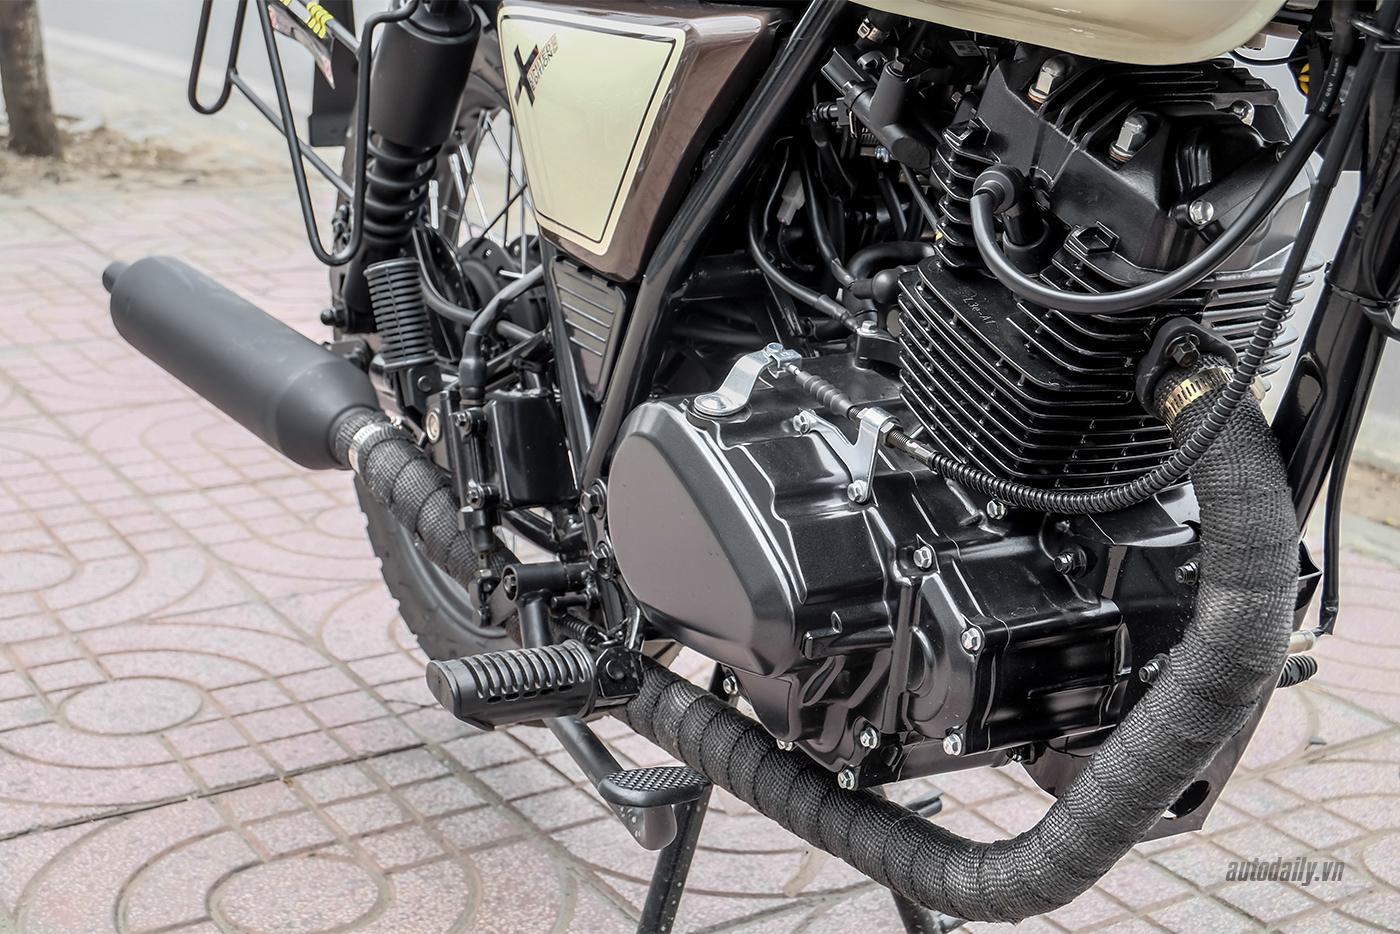 brixton-bx-150-classic-ltd-19.jpg